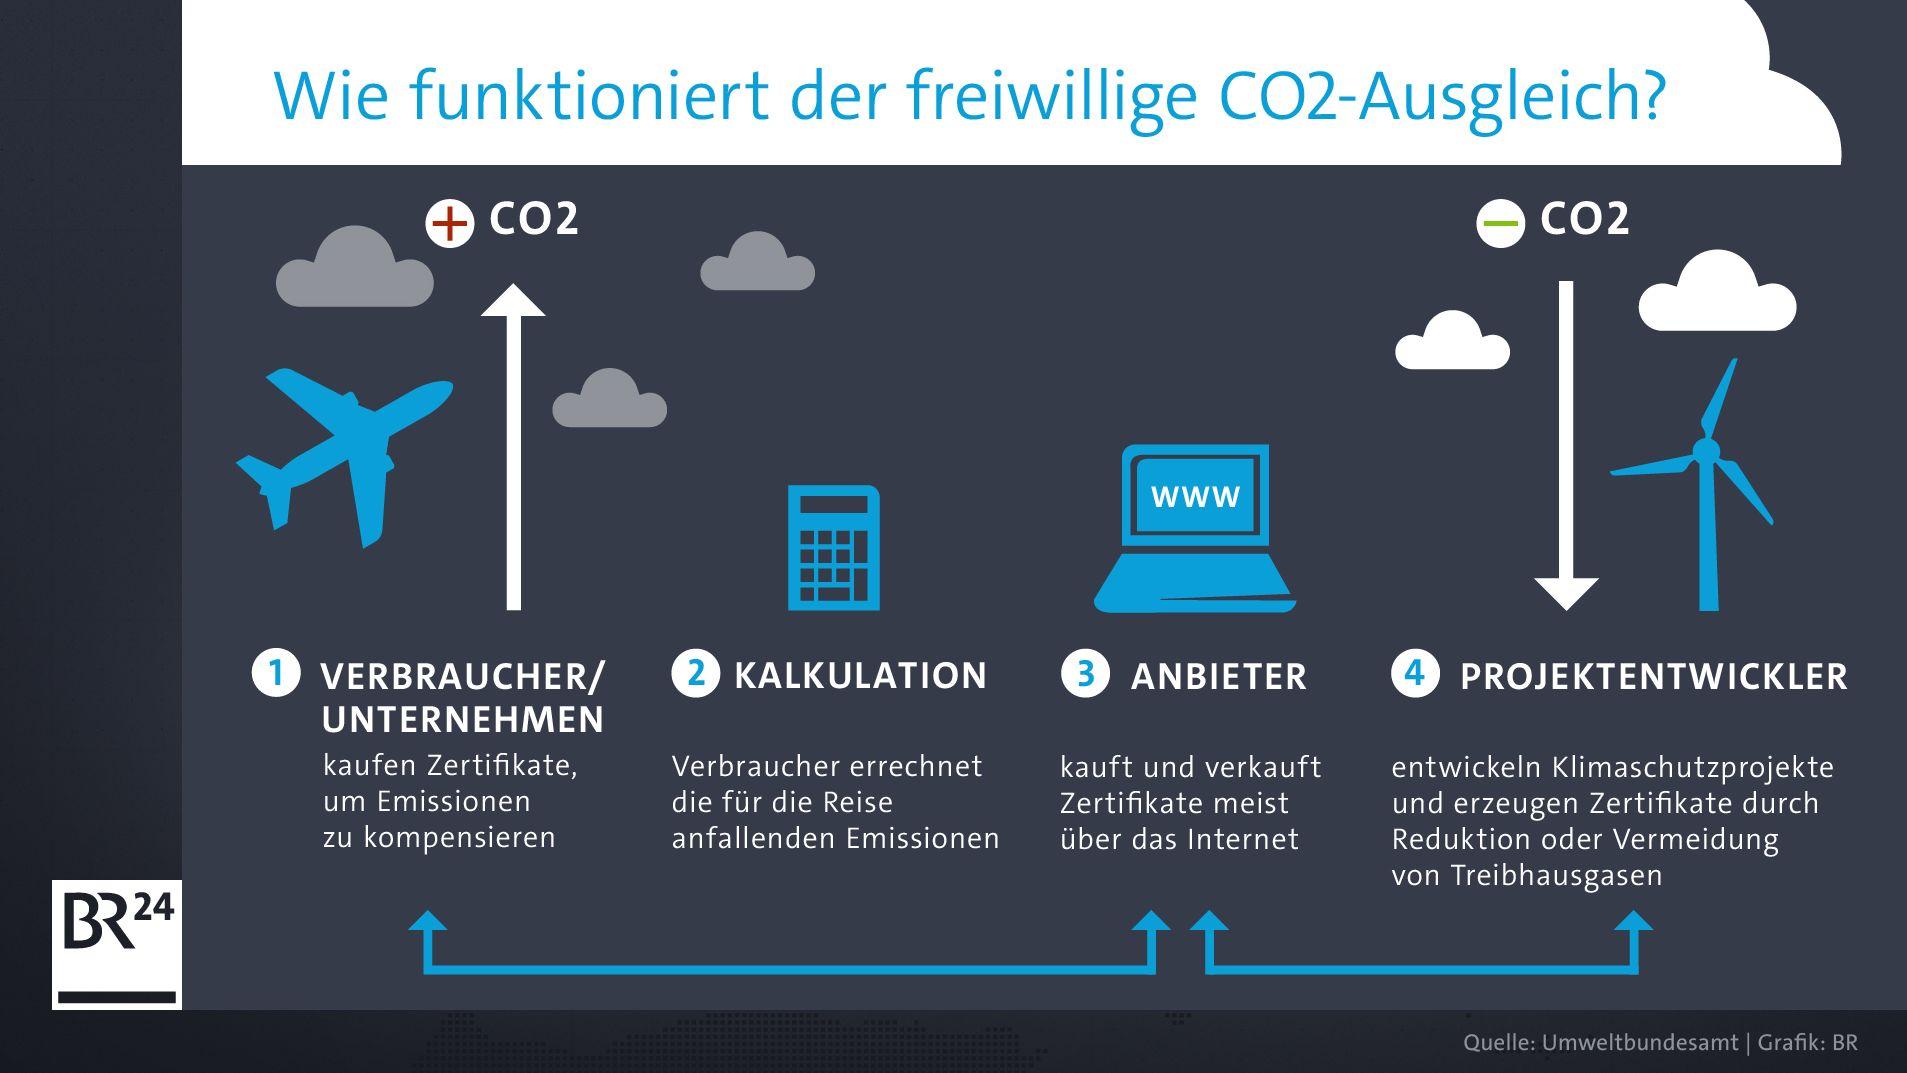 CO2-Ausgleich - Anbieter - Projektentwickler